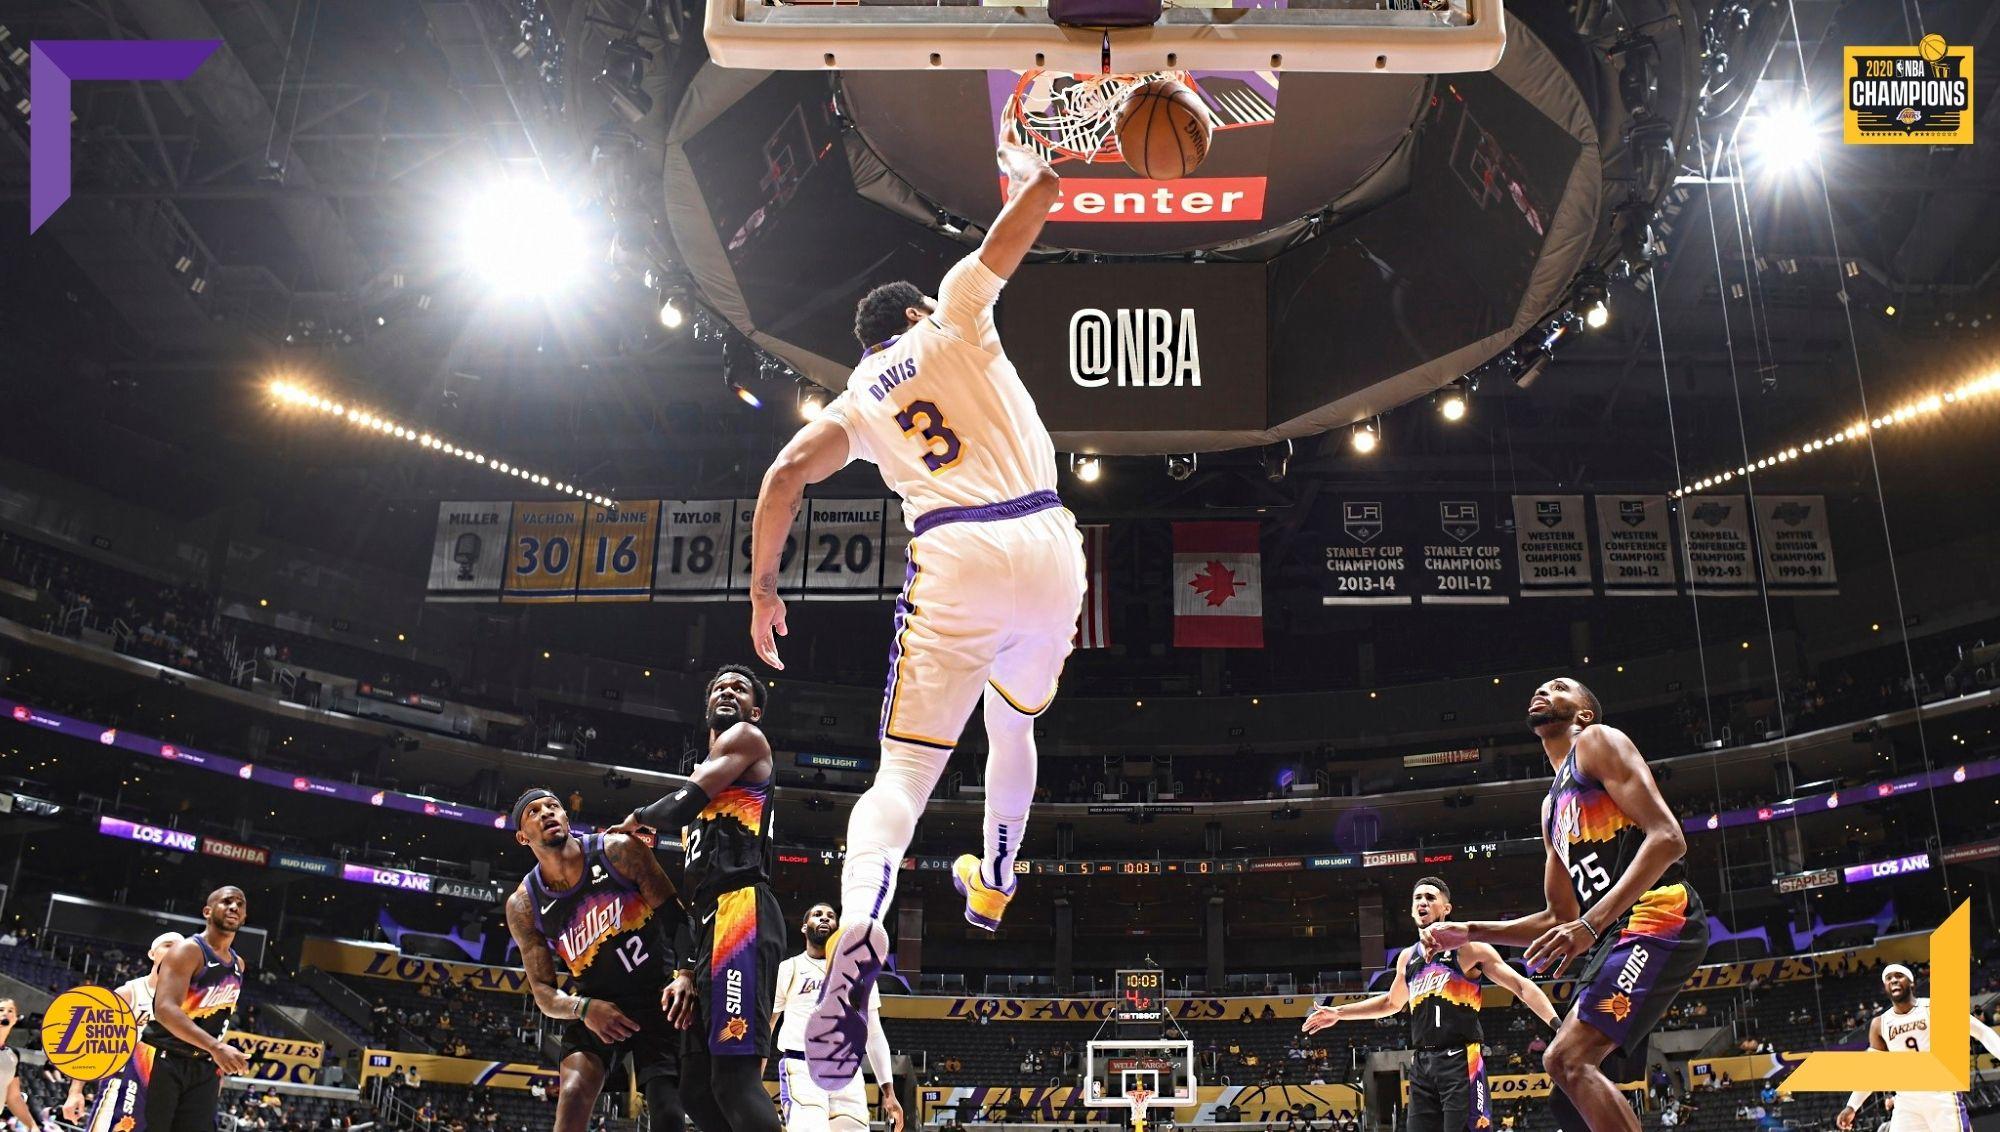 Bel successo dei Los Angeles Lakers, che superano i Phoenix Suns conducendo dall'inizio alla fine. Prestazione monstre per Anthony Davis.